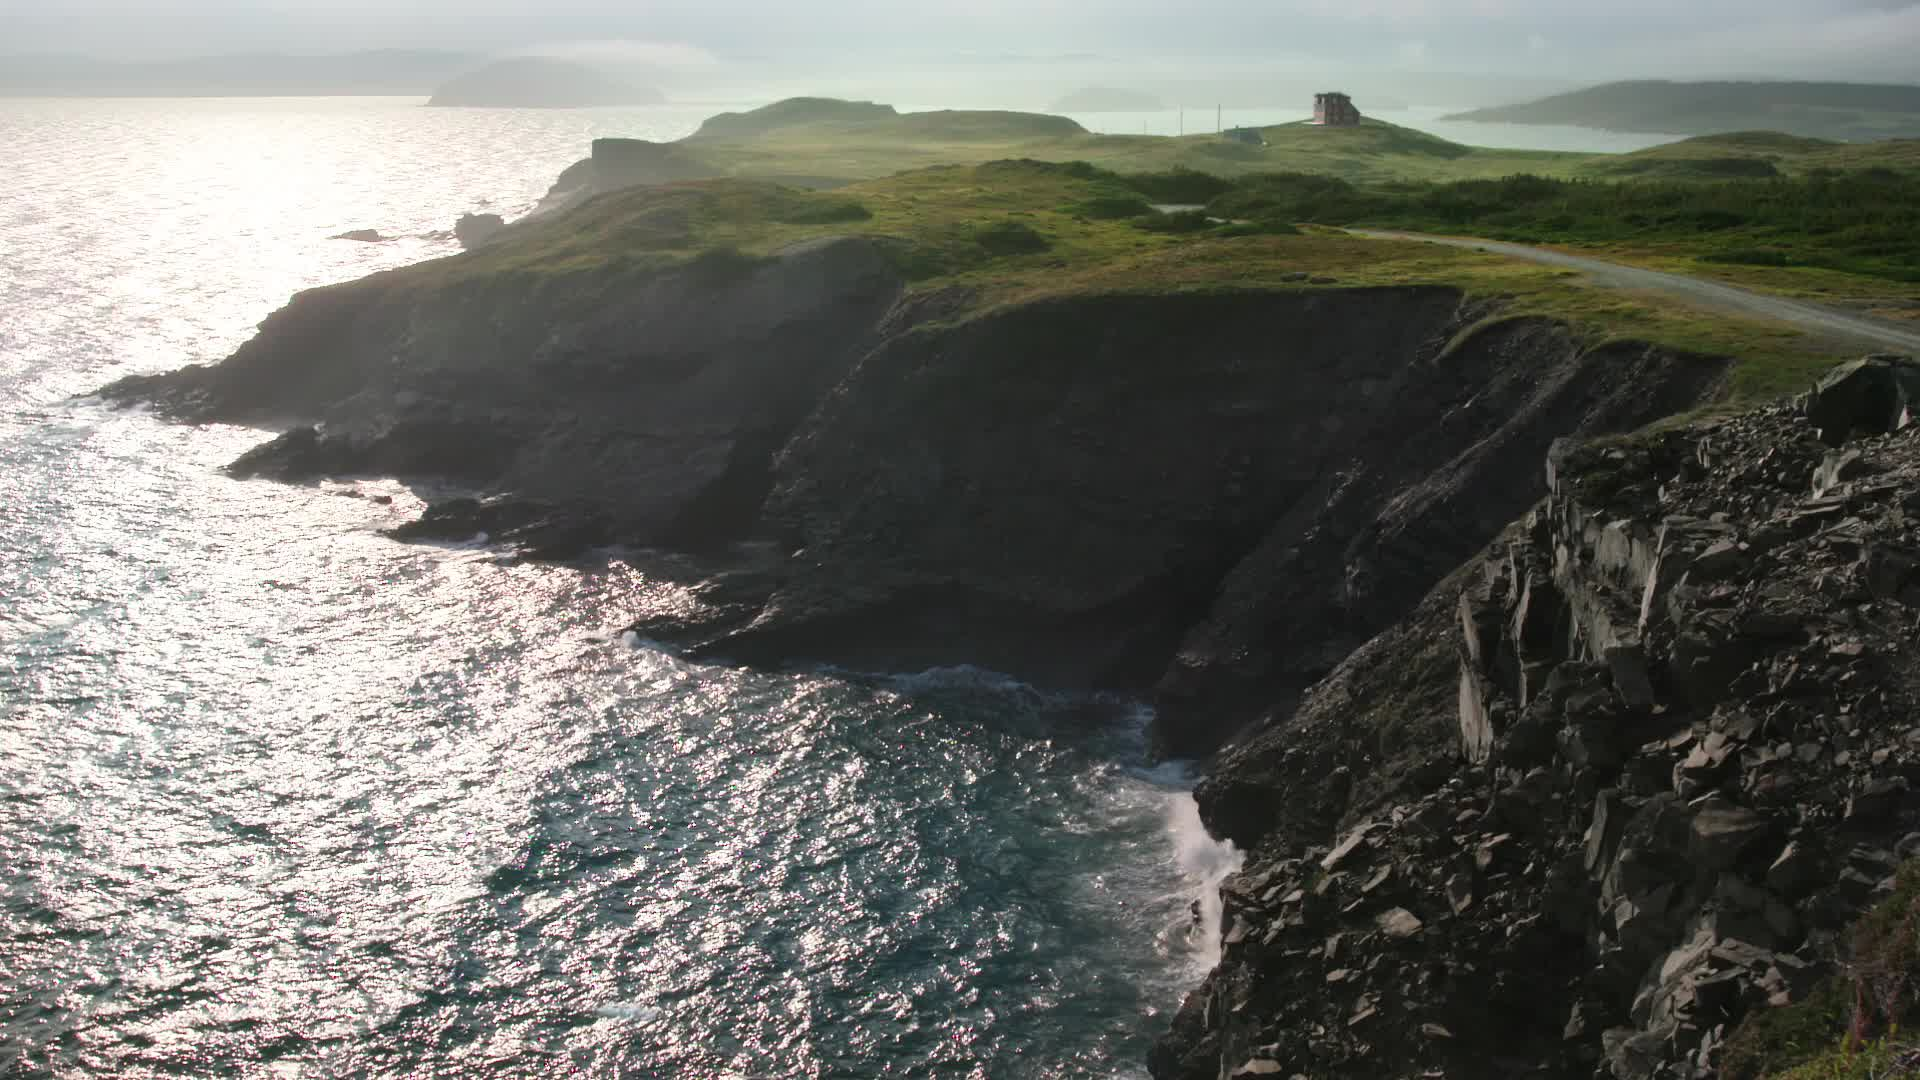 Newfoundland Tourism 2018: Best of Newfoundland, Newfoundland and Labrador  - TripAdvisor